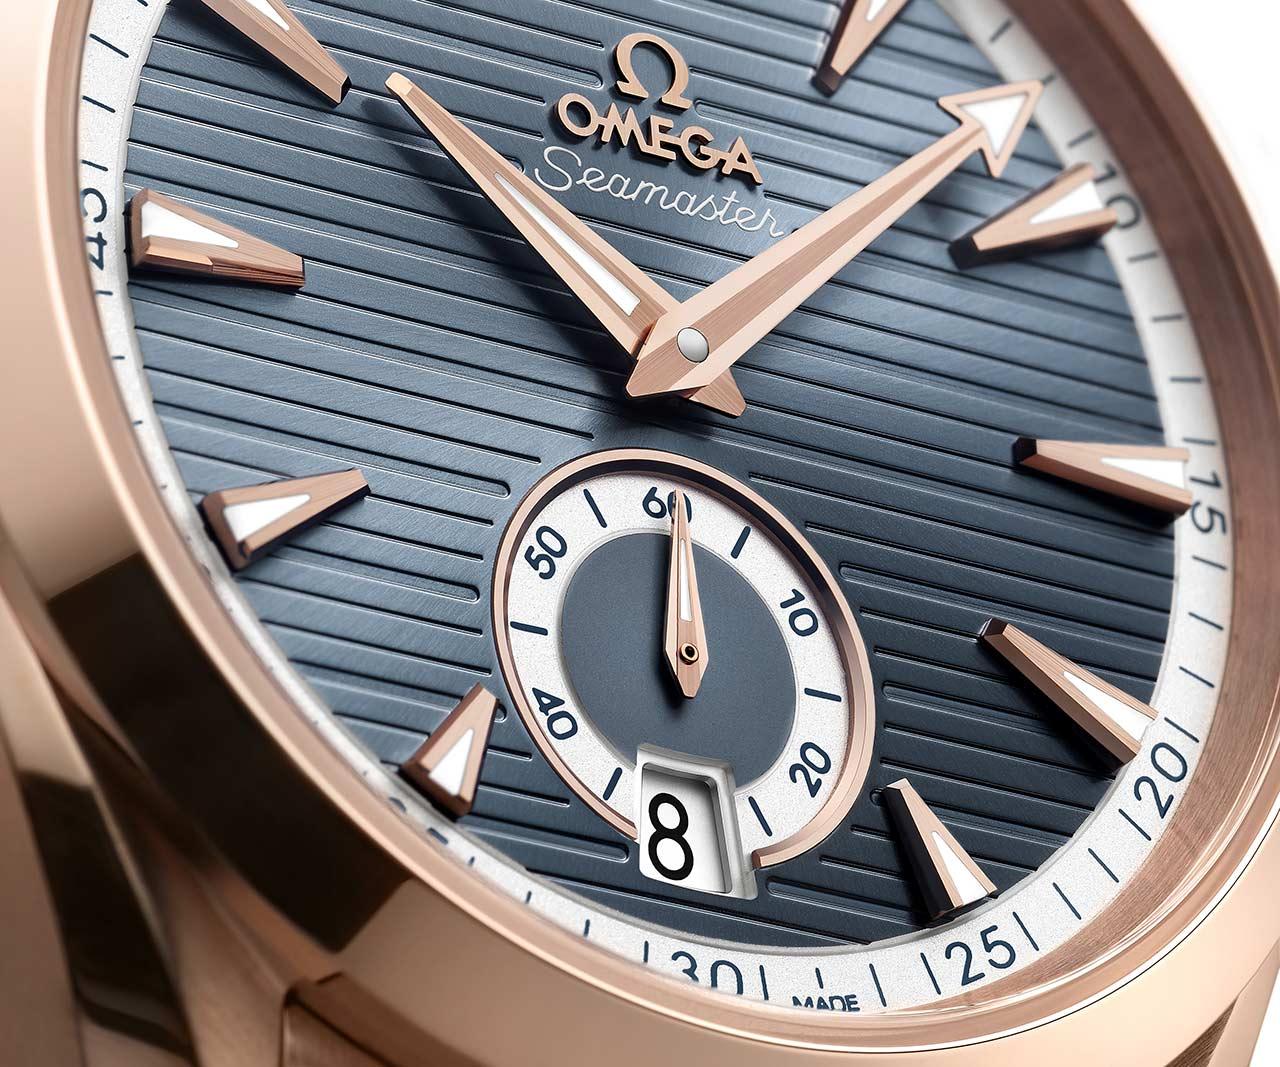 Omega Seamaster Aqua Terra Small Seconds 41 mm 220.50.41.21.03.001 Detalle